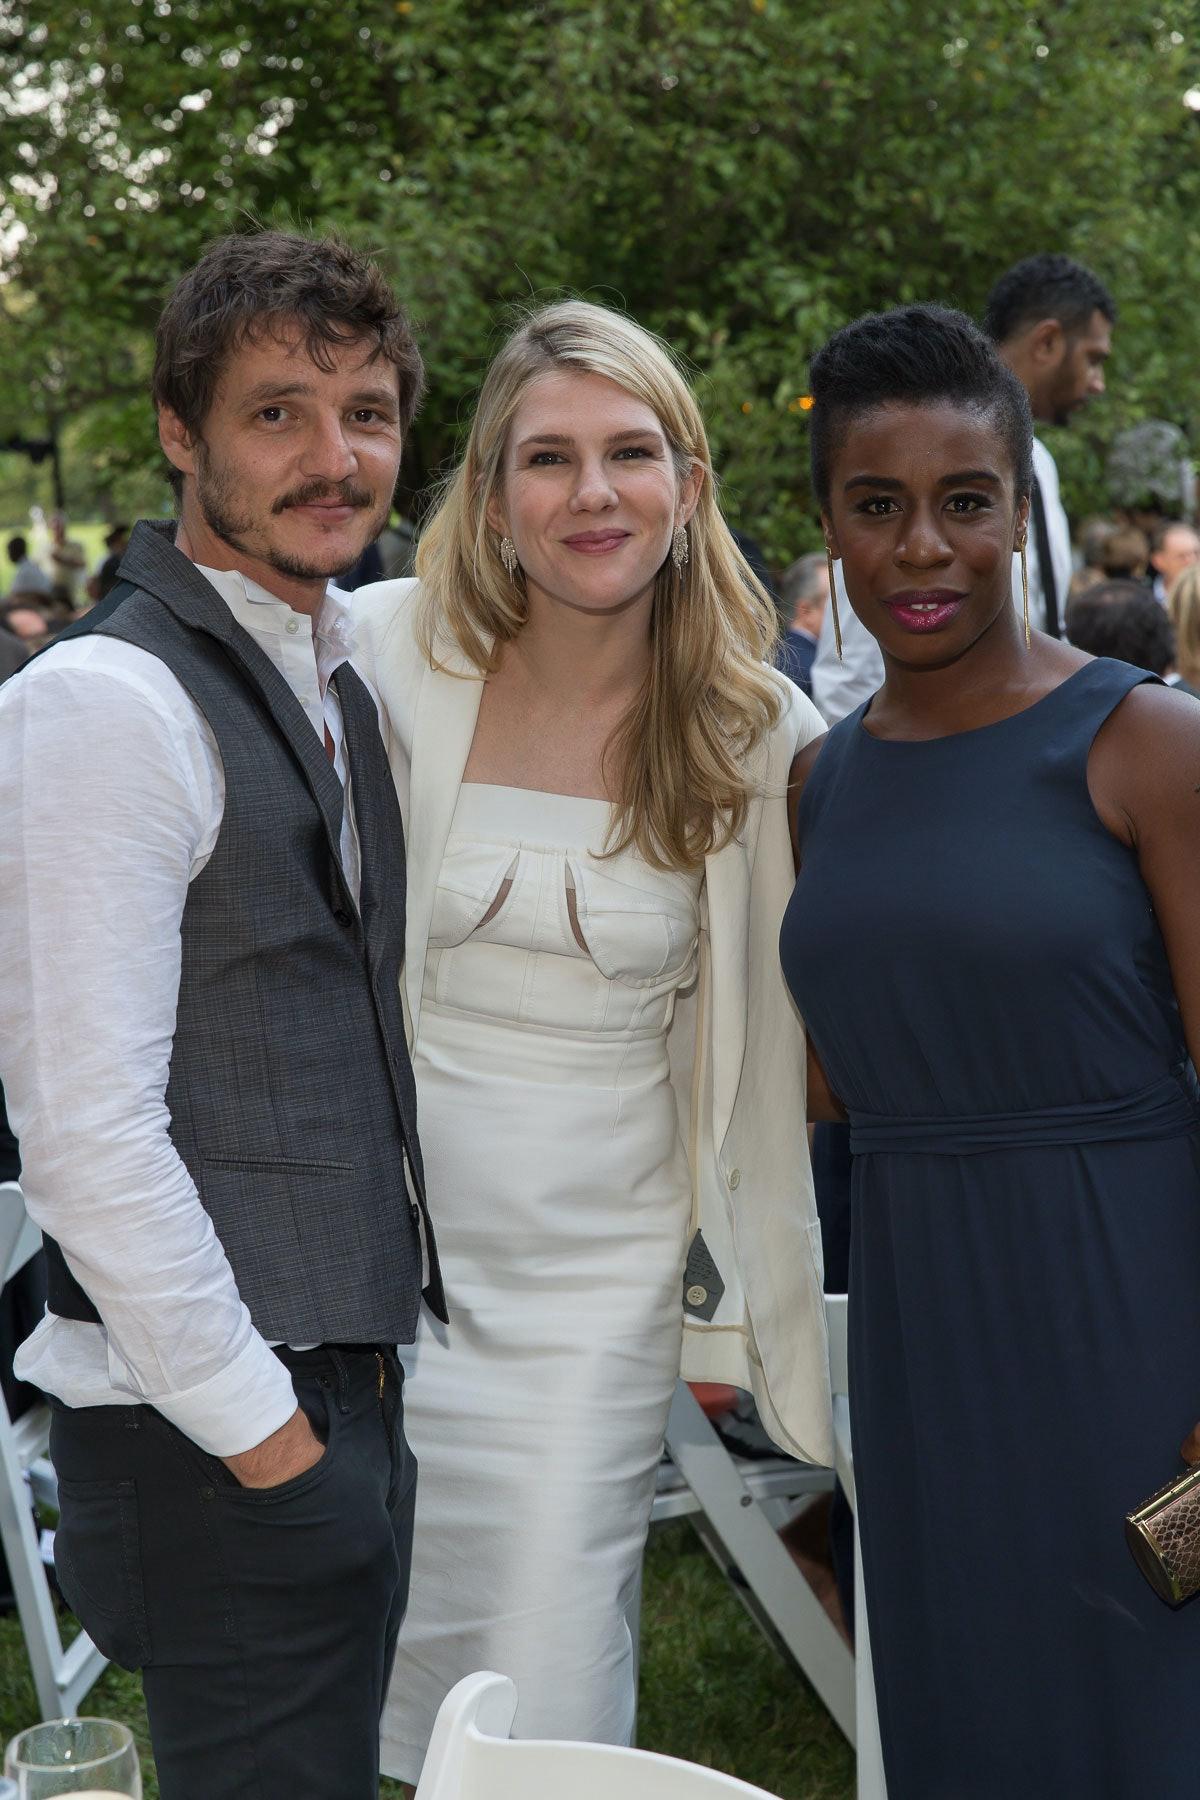 Pedro Pascal, Lily Rabe, and Uzo Aduba